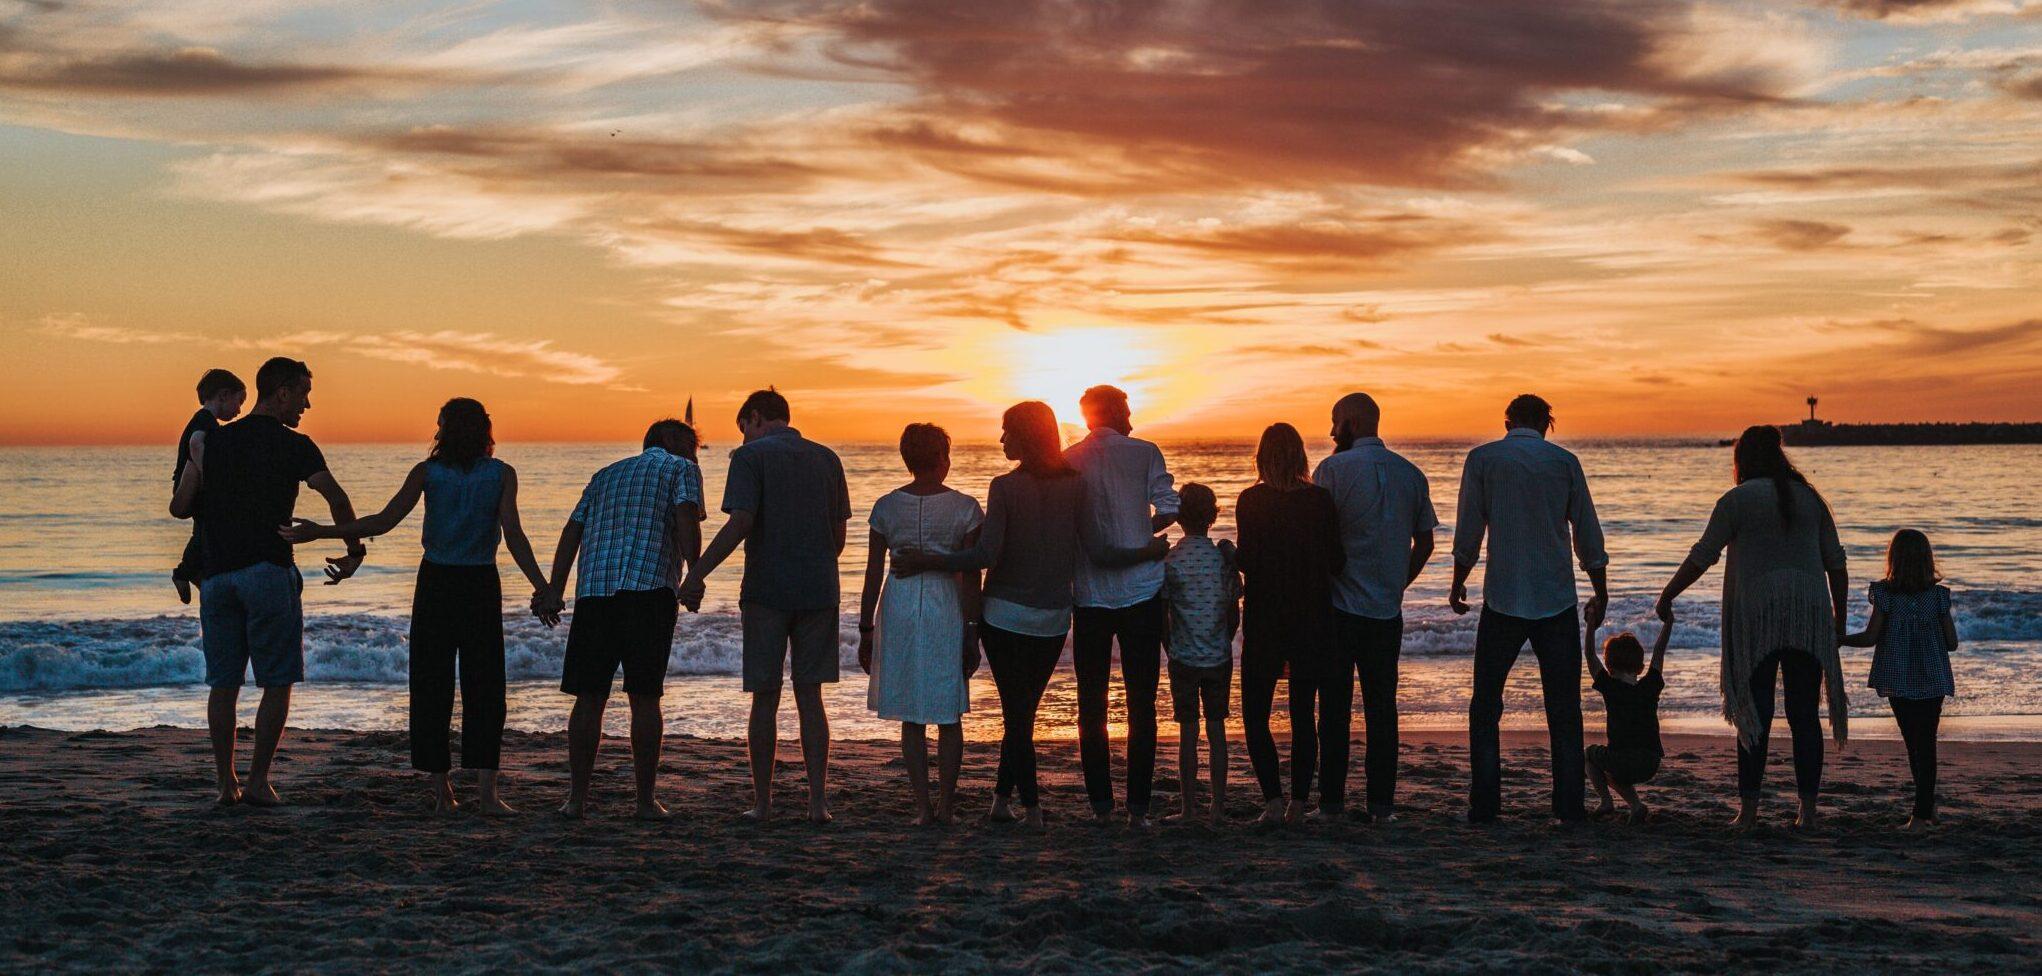 Gruppe von Menschen am Strand.